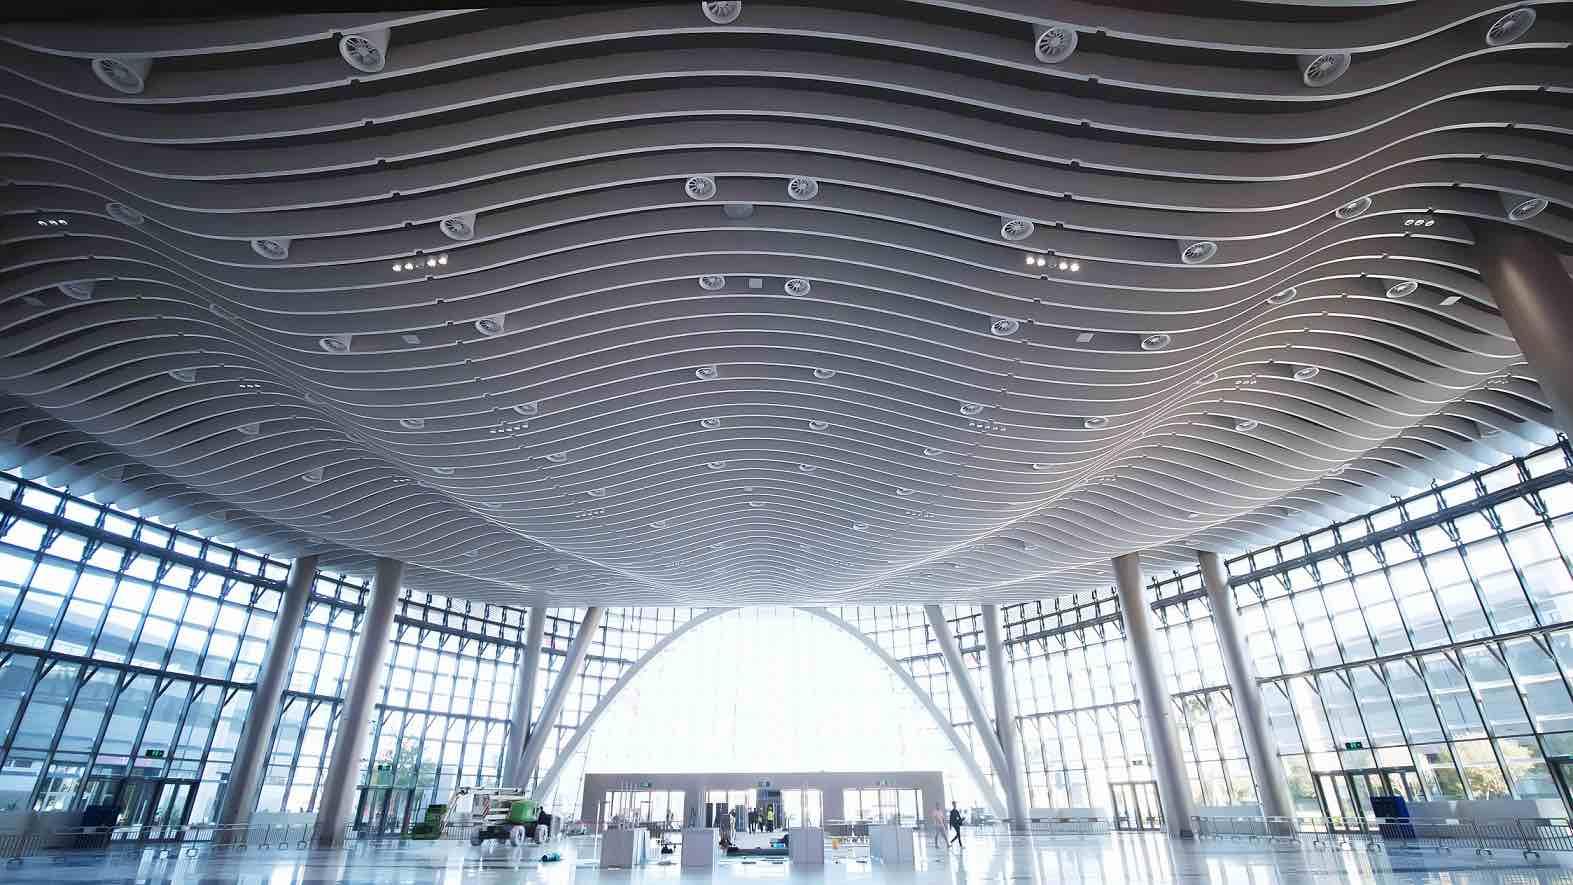 Osram supplies interior lighting for the Shenzhen World exhibition center